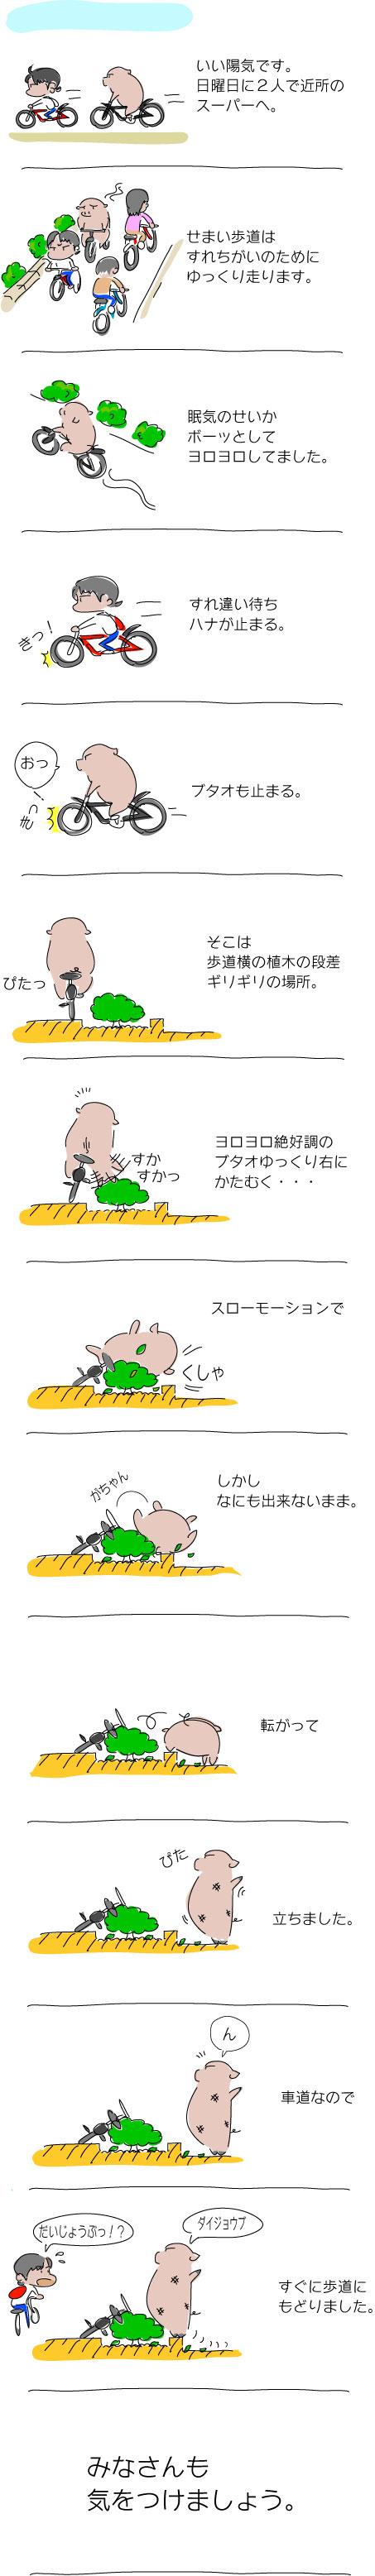 散歩でコケ